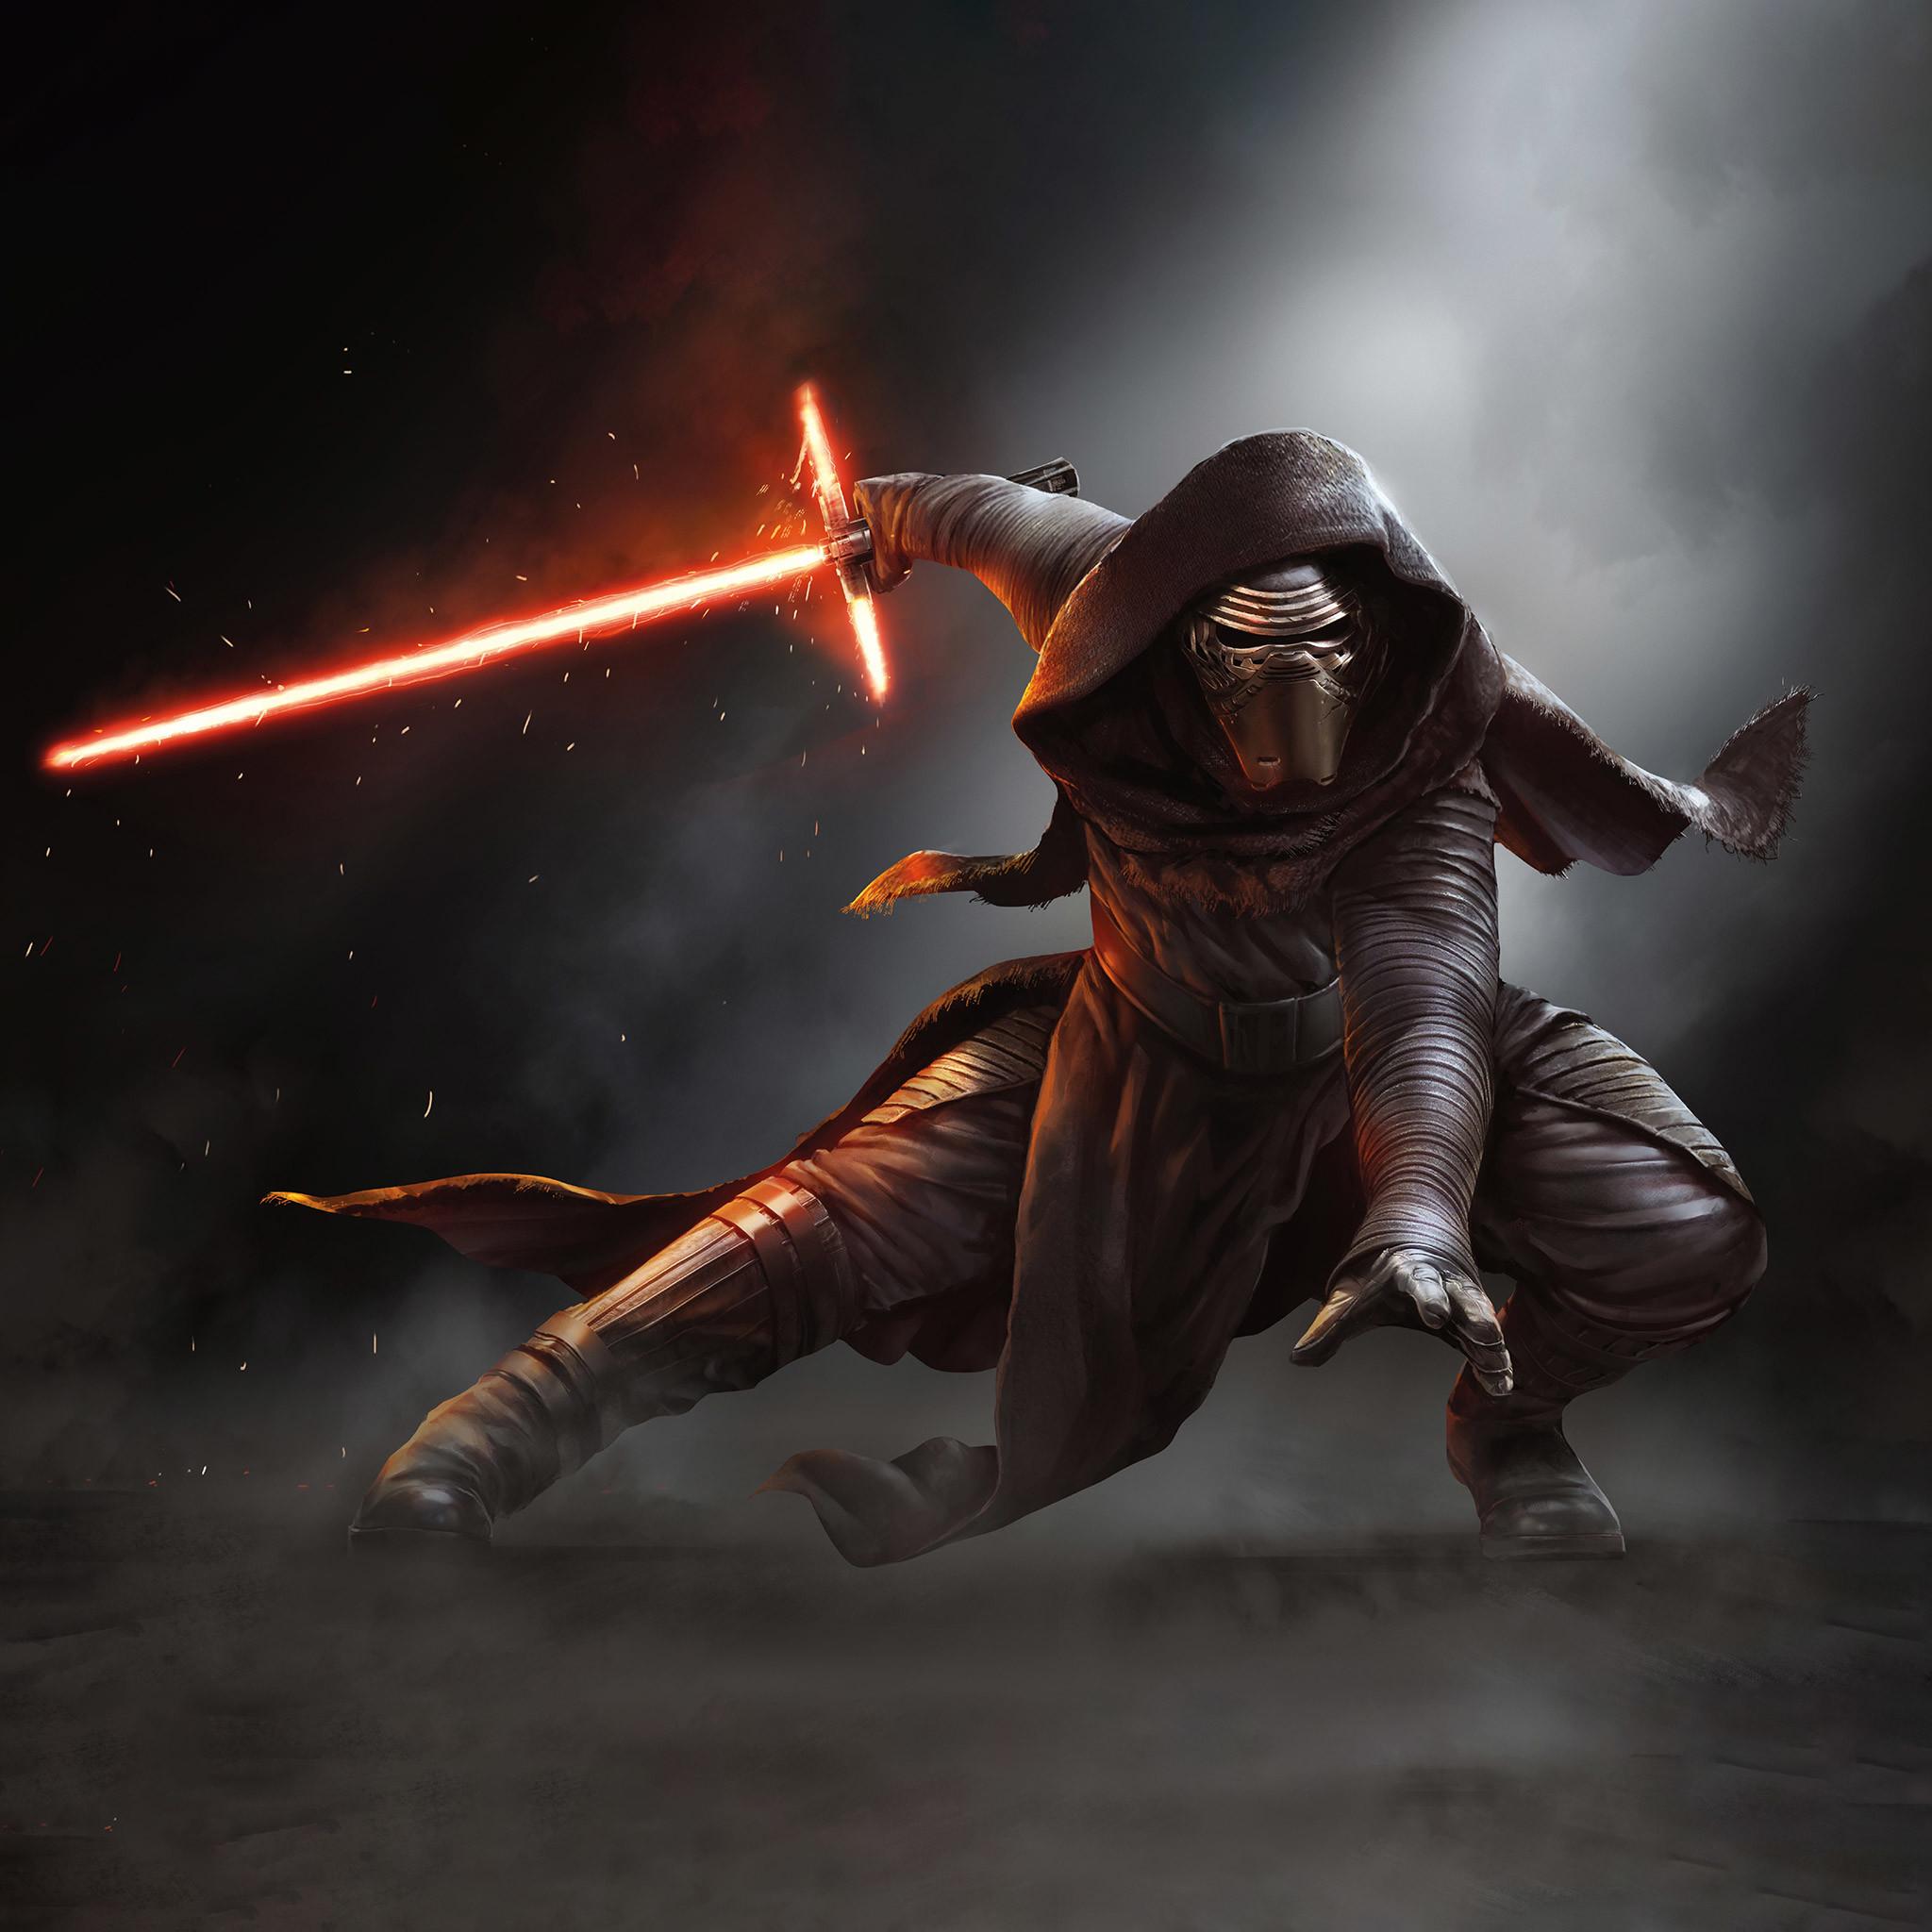 Star Wars Tablet Wallpaper (57+ Images